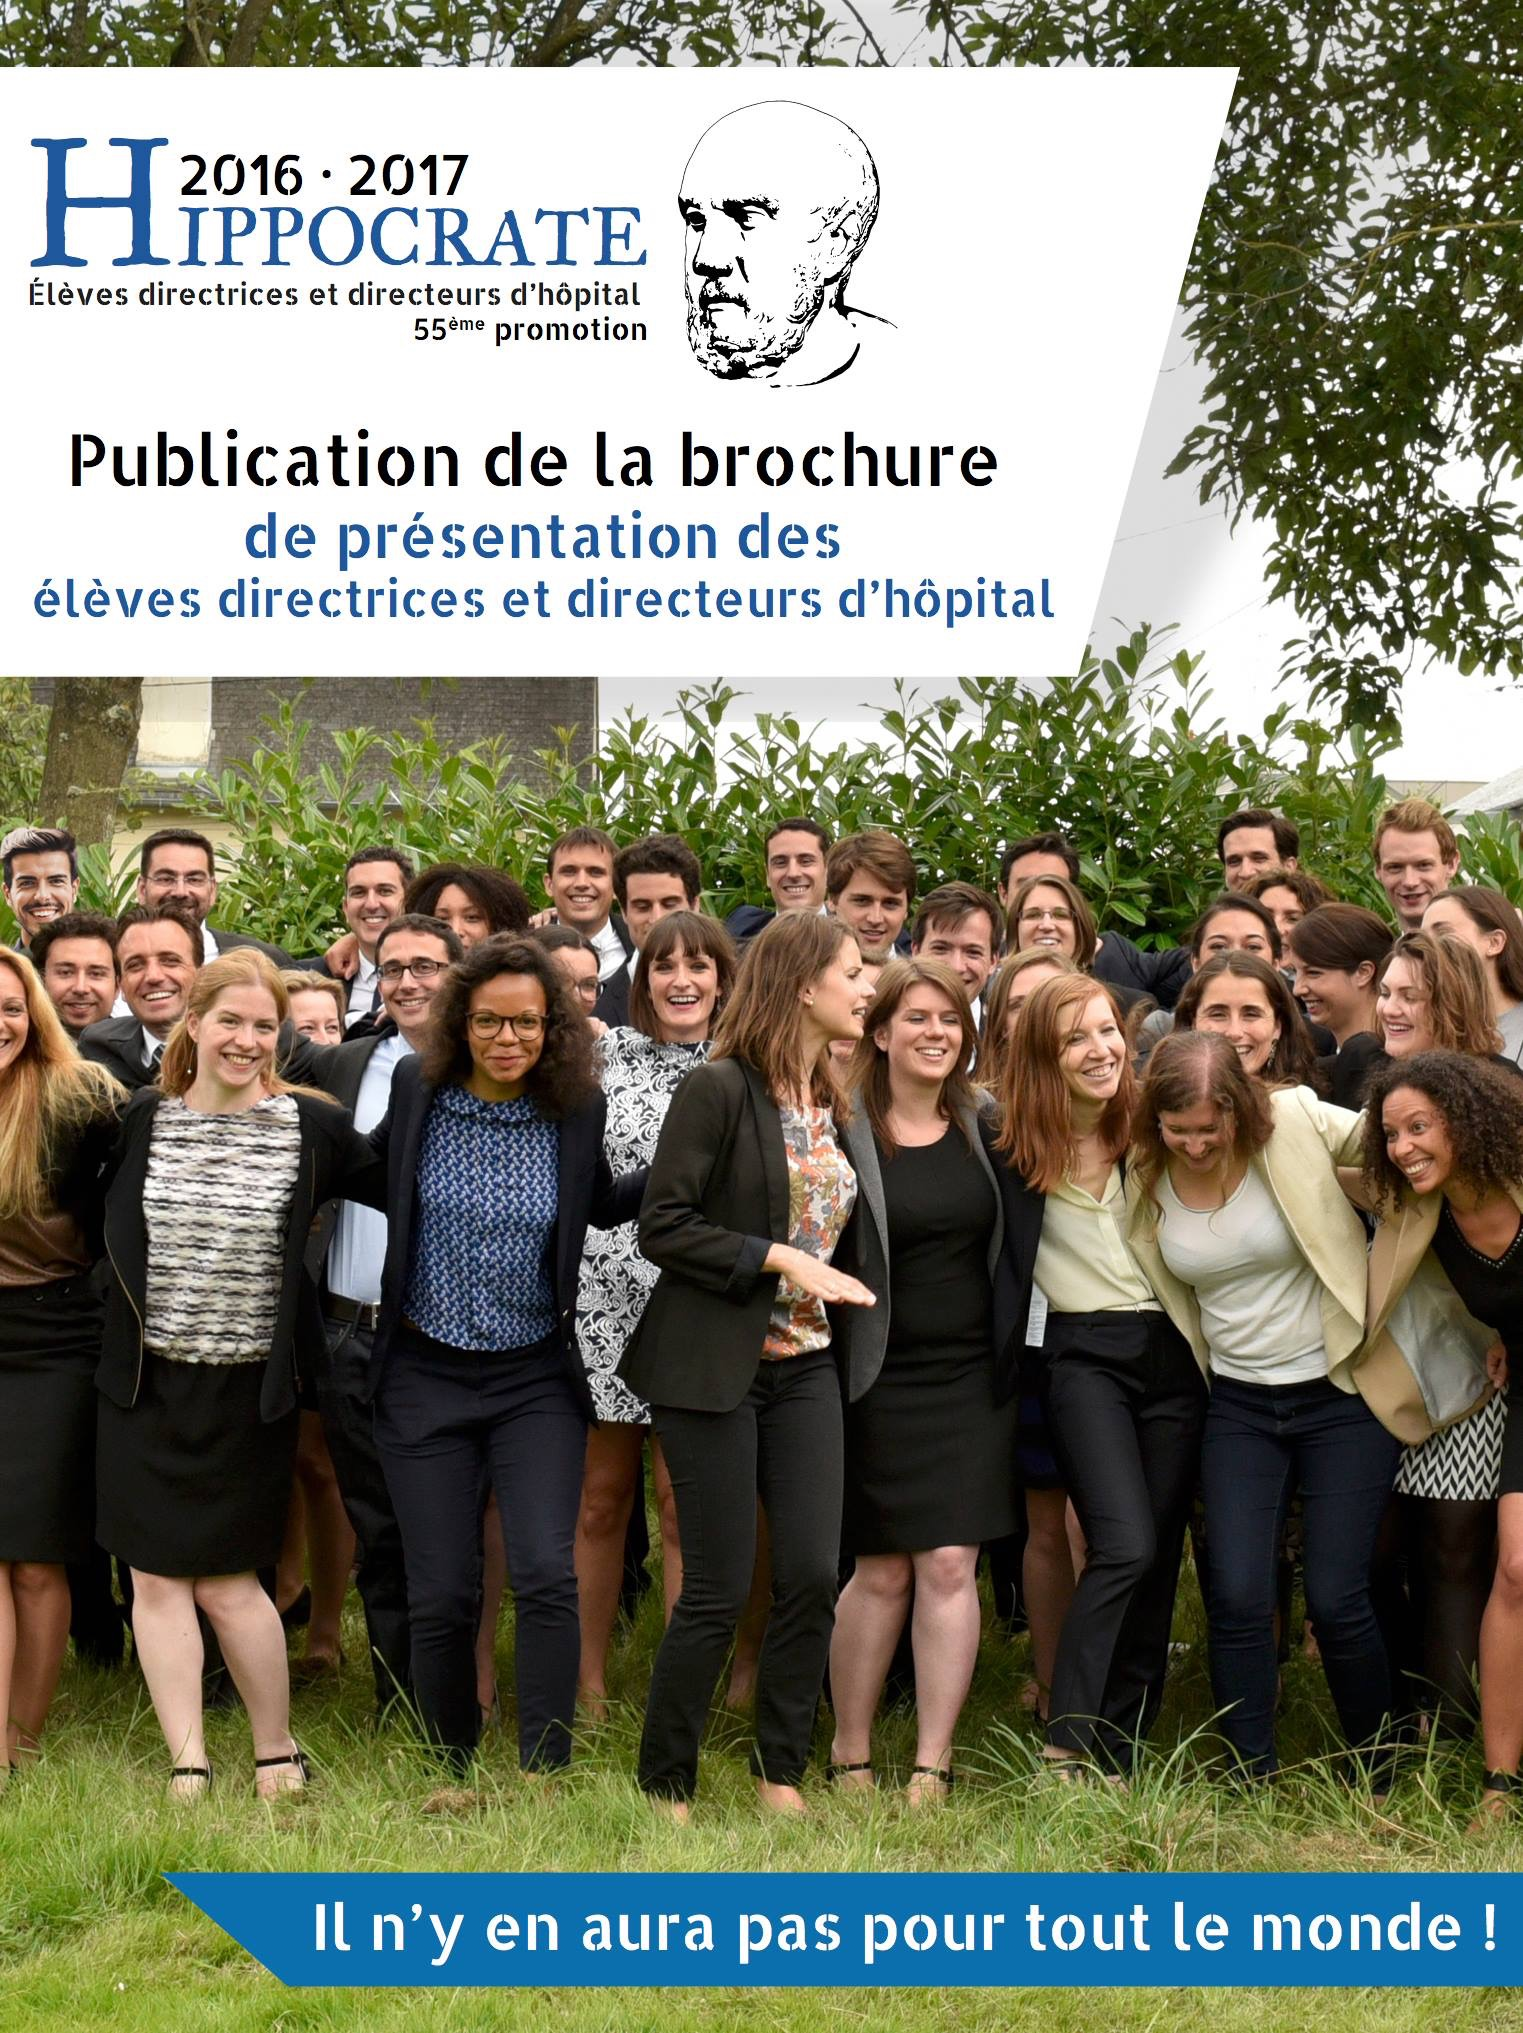 Campagne d'affectation 2017: Faites le choix des EDH de la promotion Hippocrate!